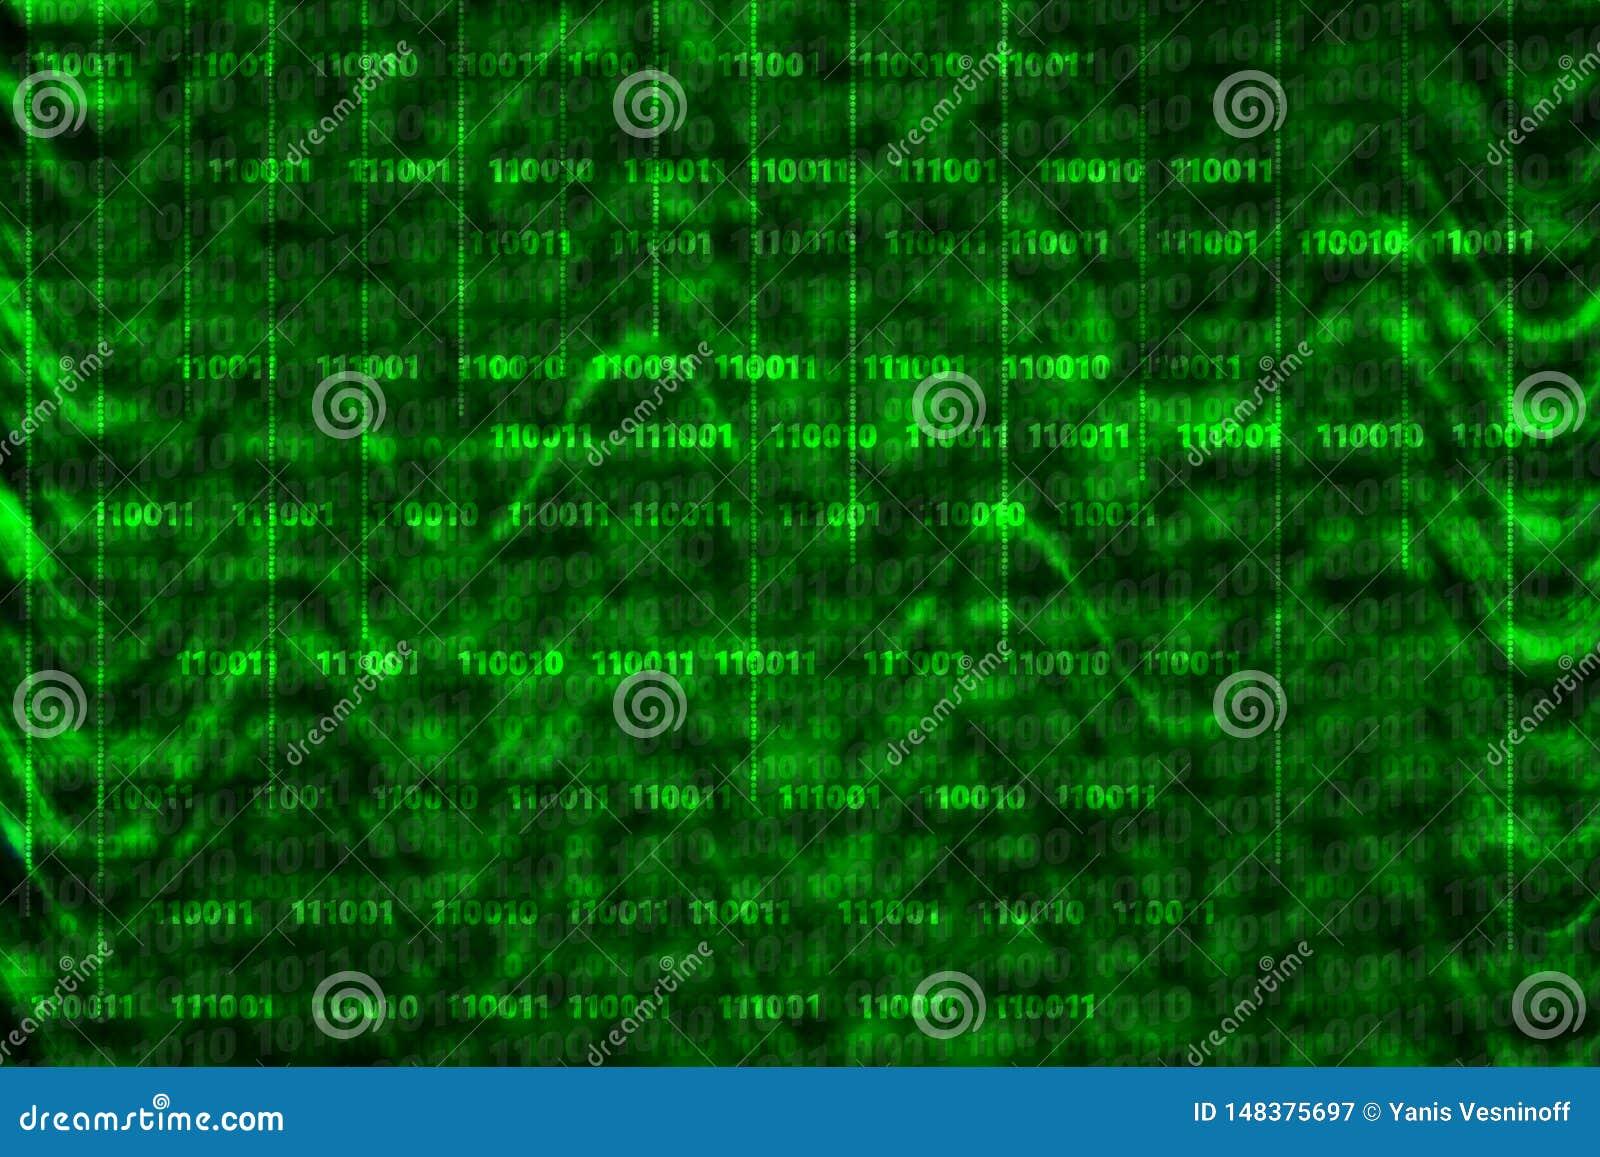 Binaire computercode inzake de abstracte achtergrond met golven